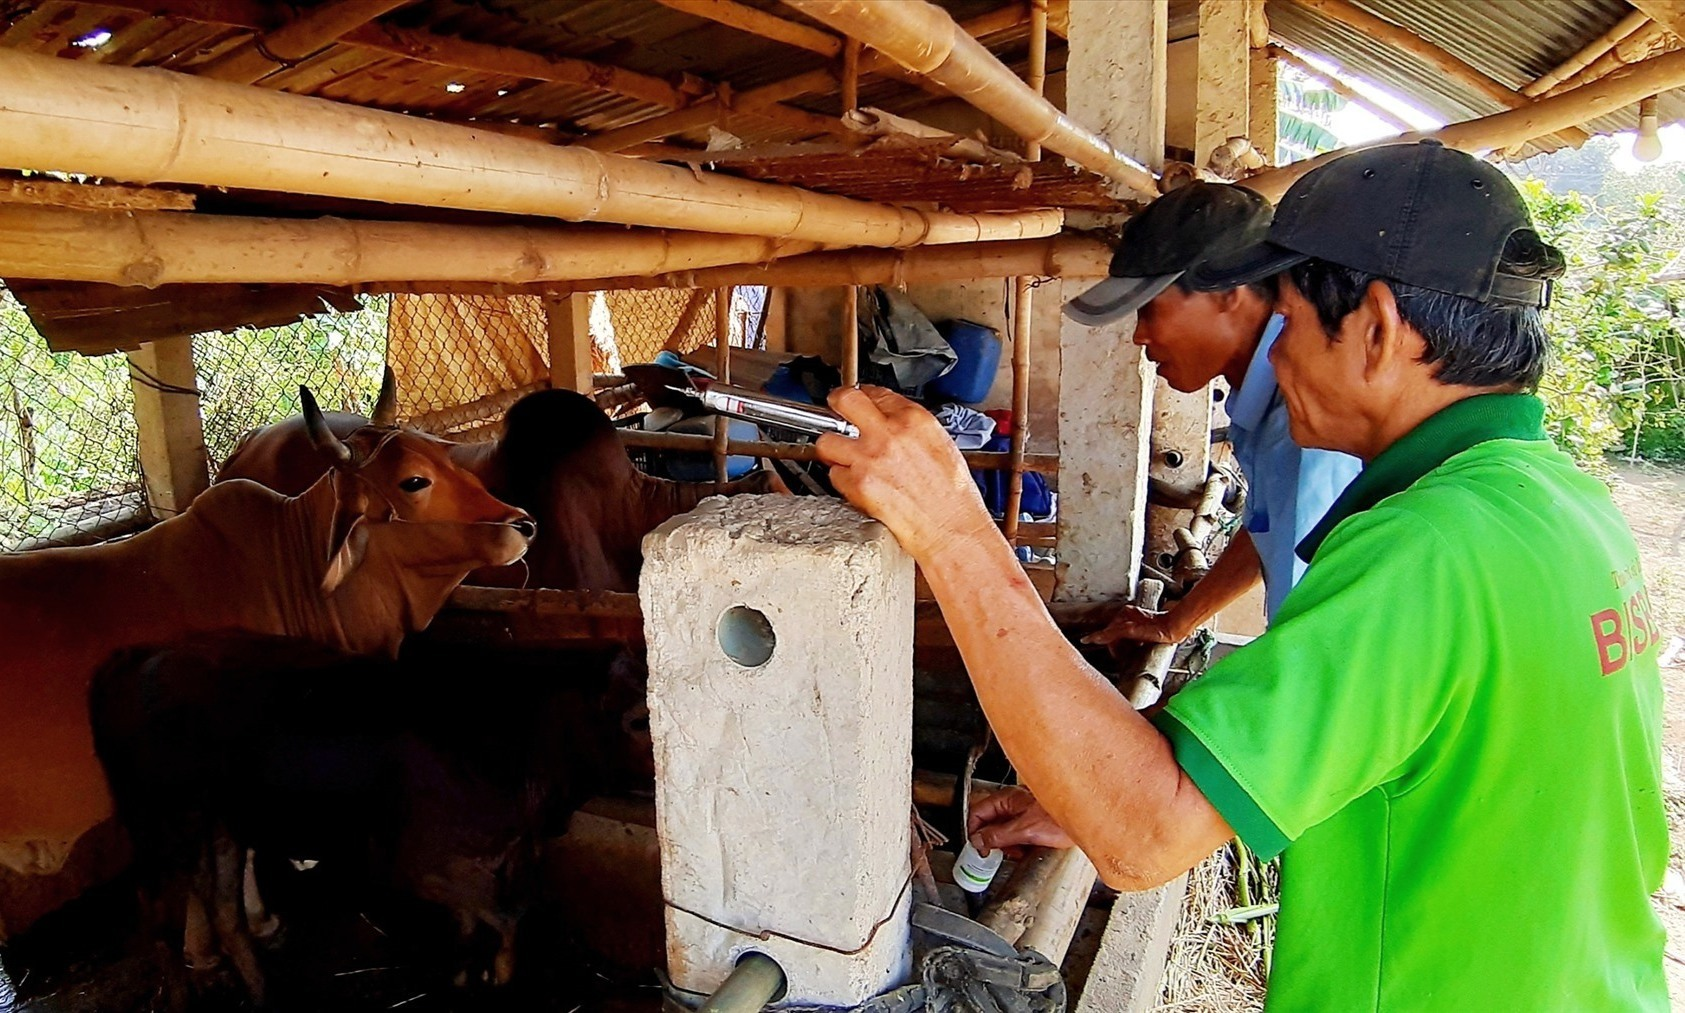 Các địa phương cần có kế hoạch và bố trí nguồn kinh phí mua vắc xin tiêm phòng bệnh viêm da nổi cục cho trâu, bò. Ảnh: N.S